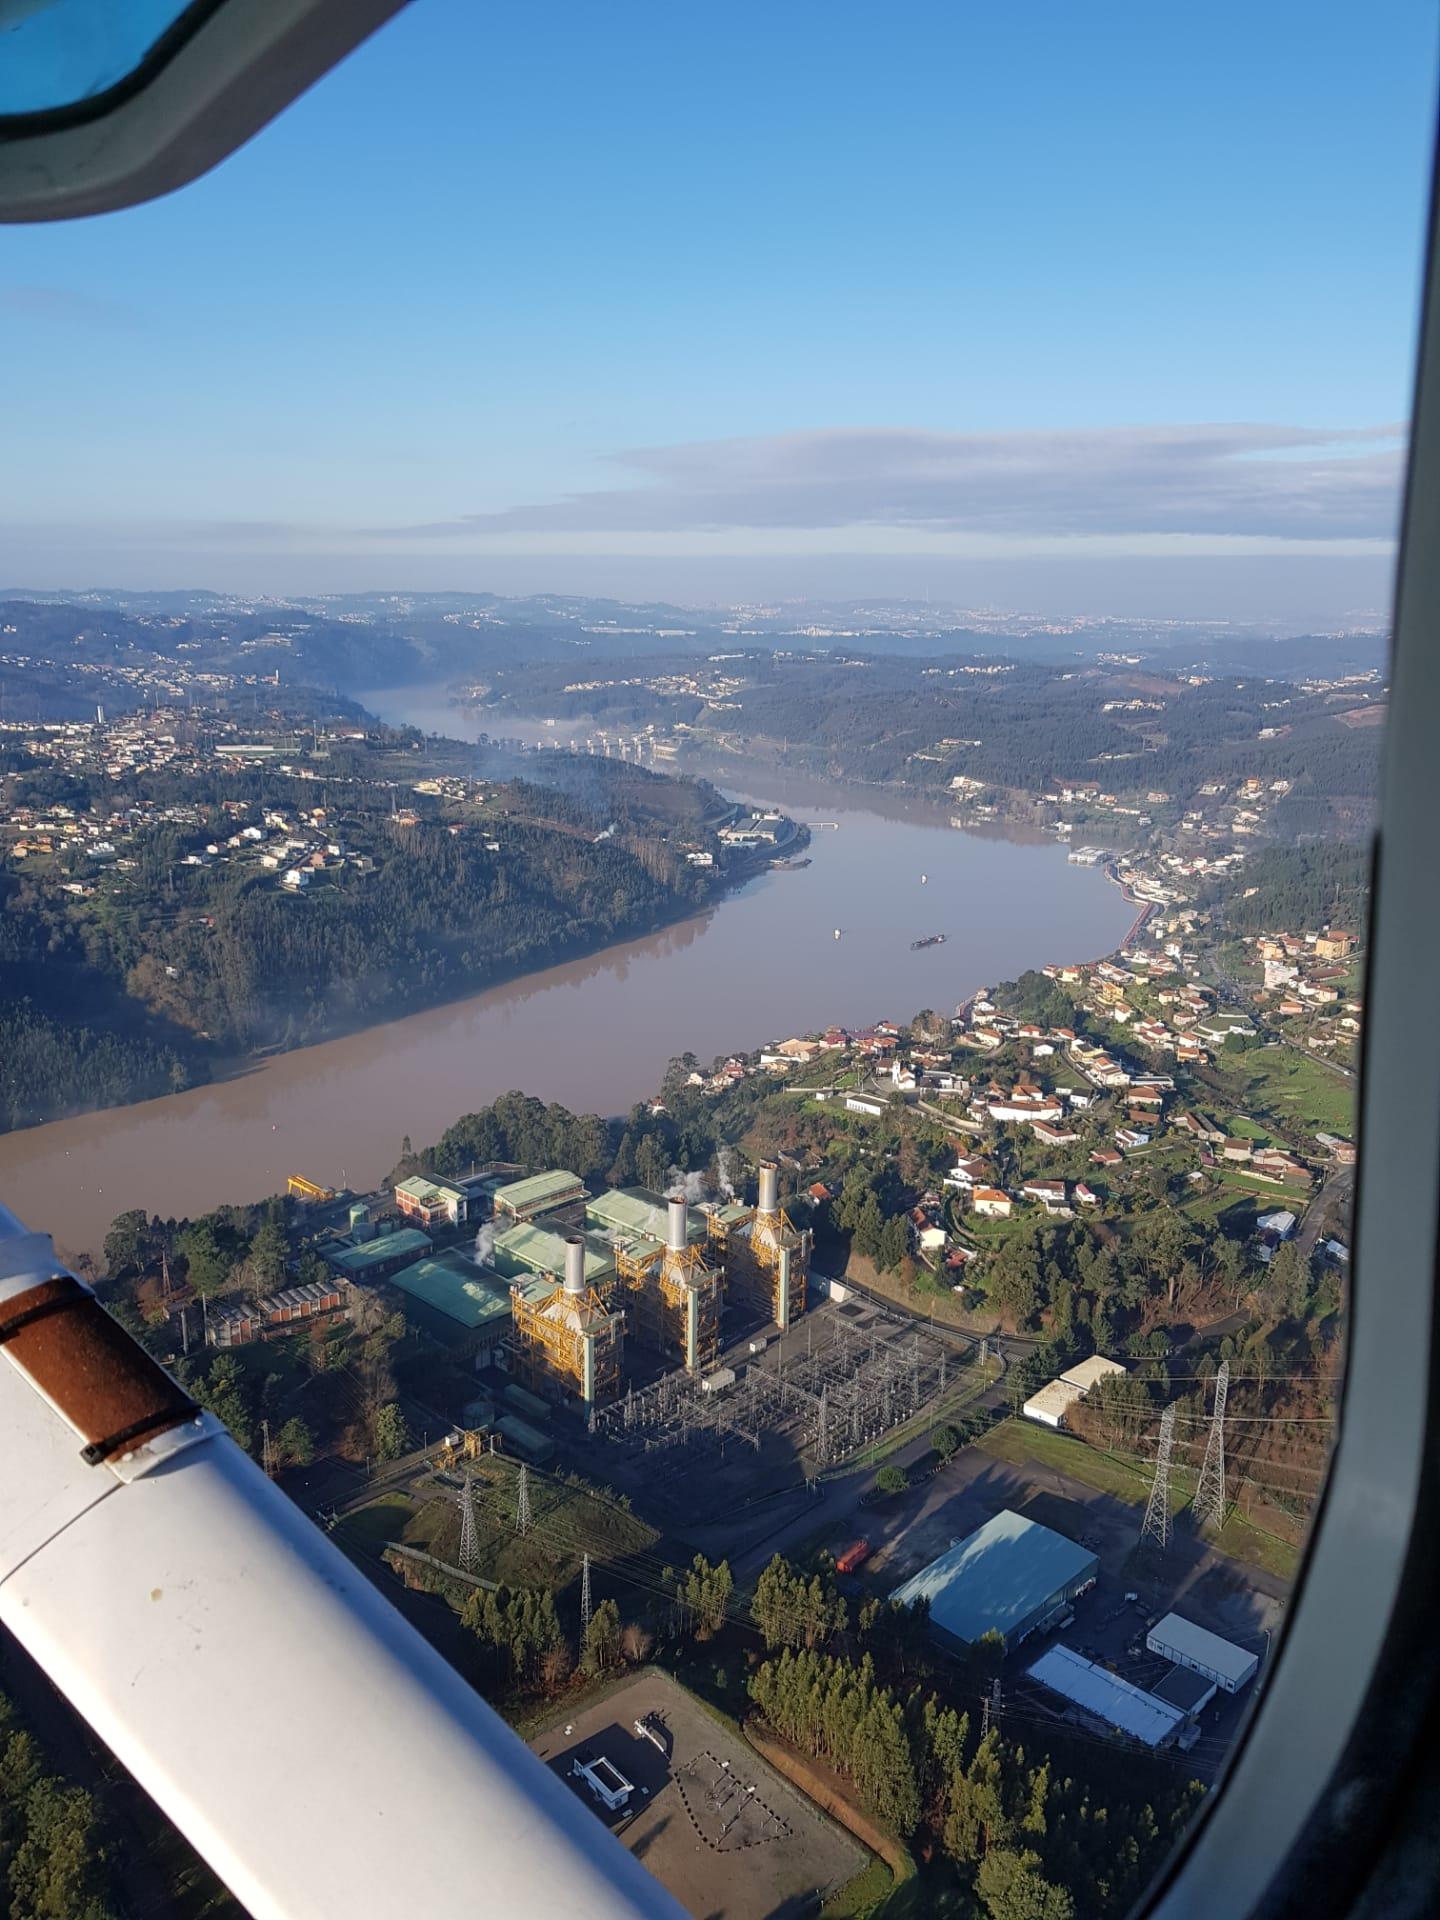 LM-Arquivo-Douro-Paiva-Foto-Aerea-ETA-Lever-063